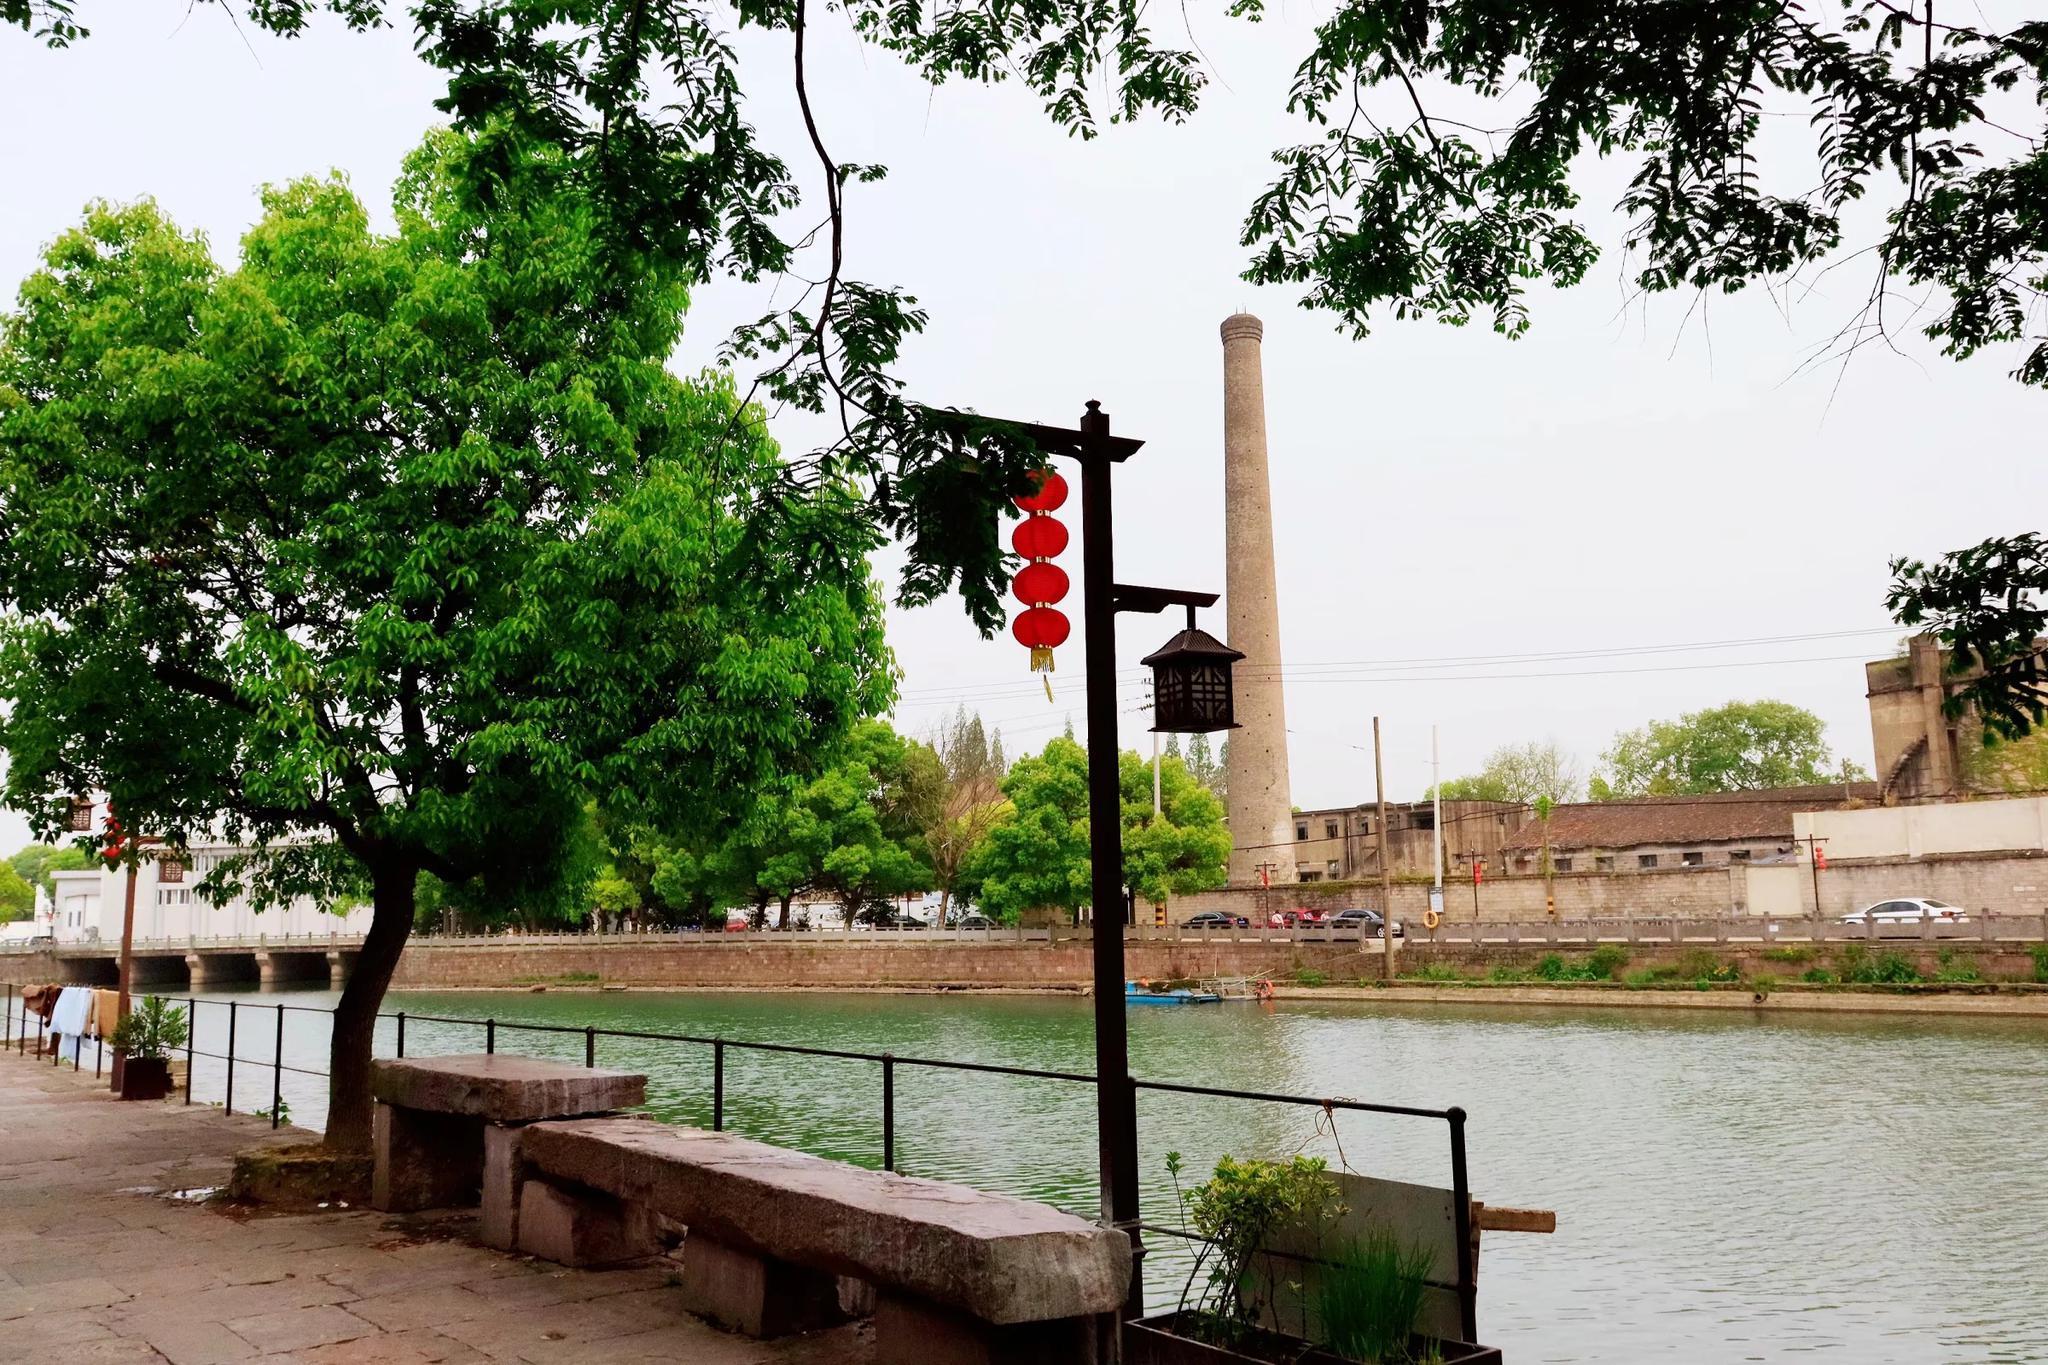 宁波光溪河畔有个古村,风景如画,古桥横卧,现为鄞江畔美丽乡村